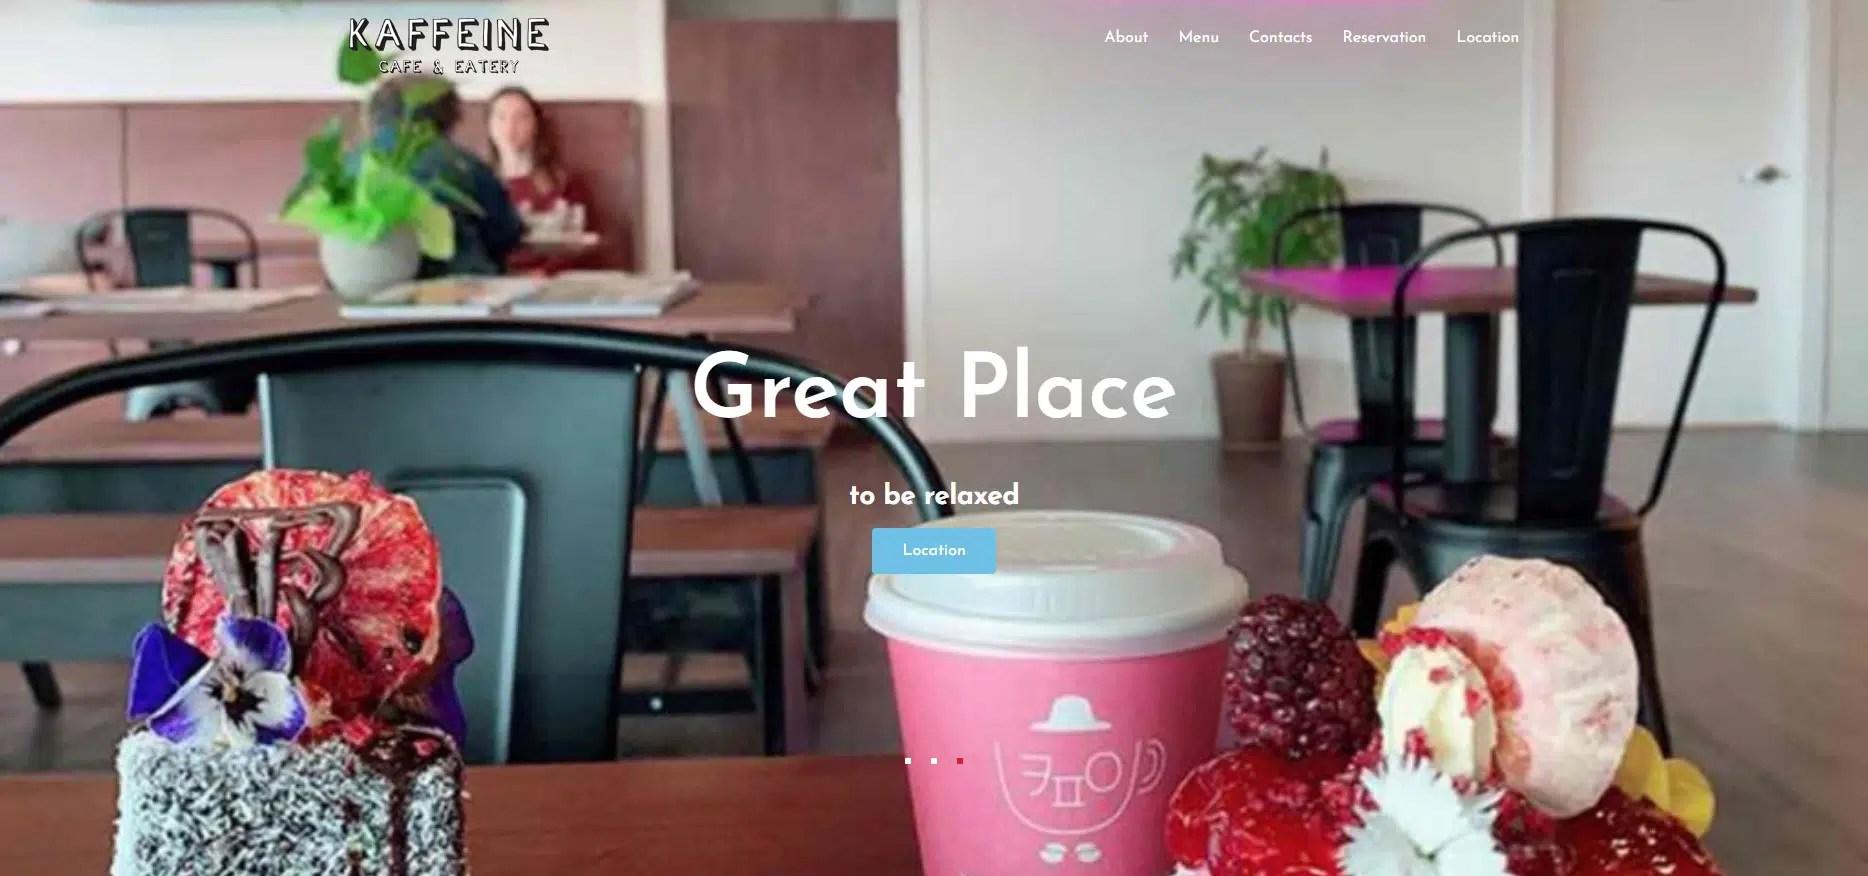 카페인(Kaffeine) 카페 비지니스 웹사이트 구축